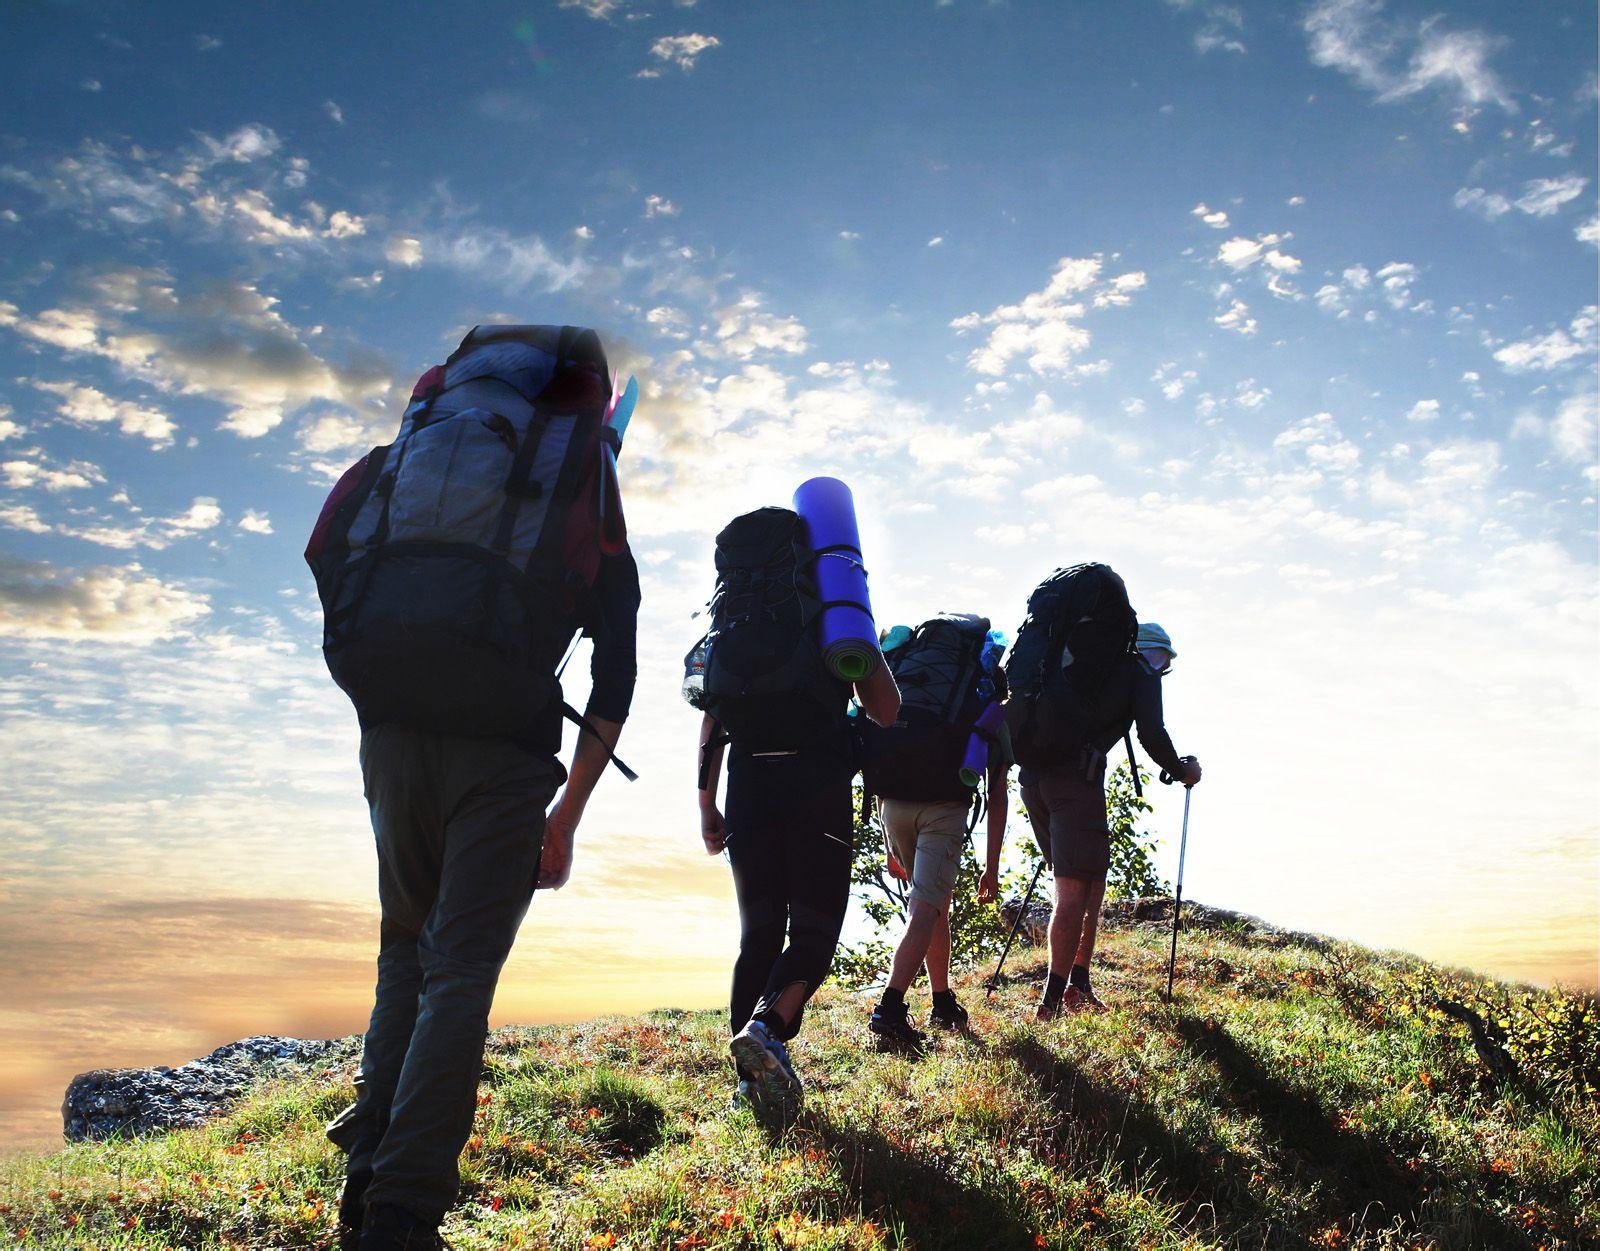 求一张背包旅行的人的图-旅行